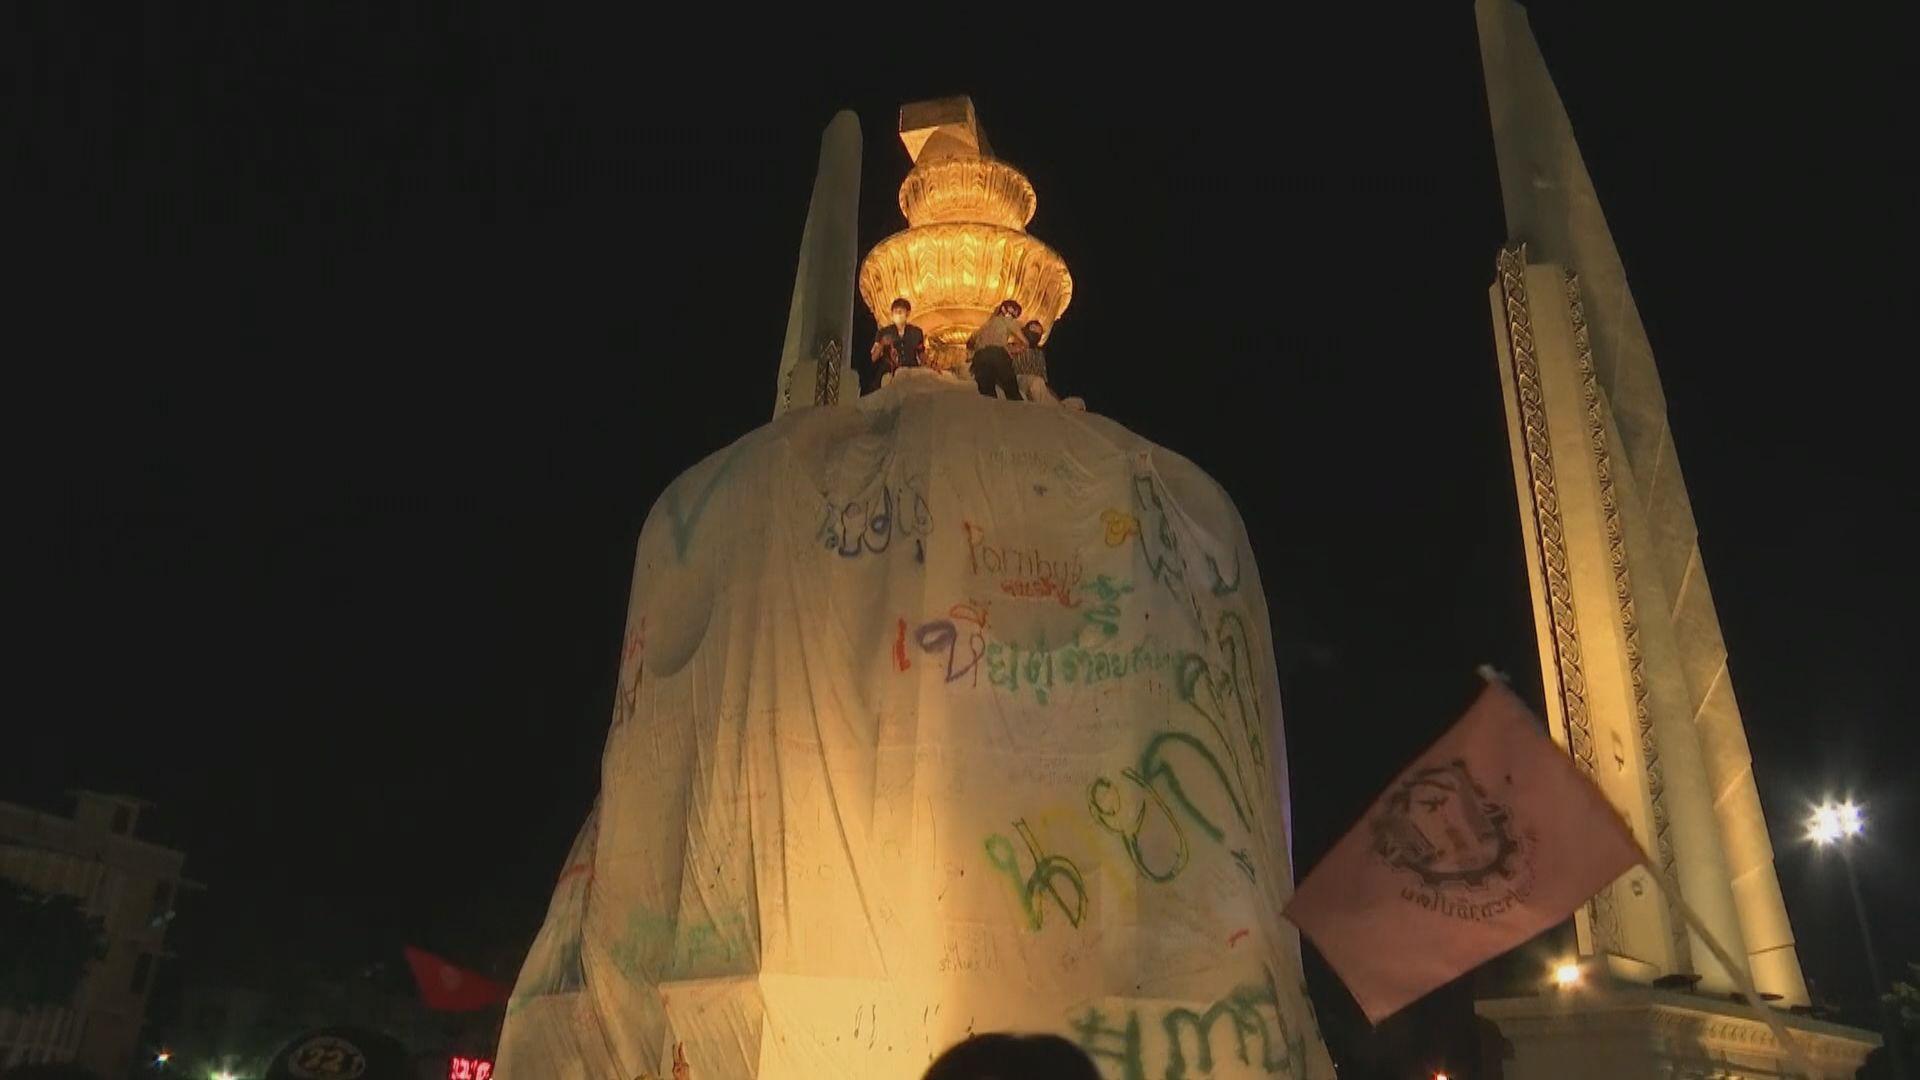 泰國示威者將寫有訴求的白布掛上民主紀念碑